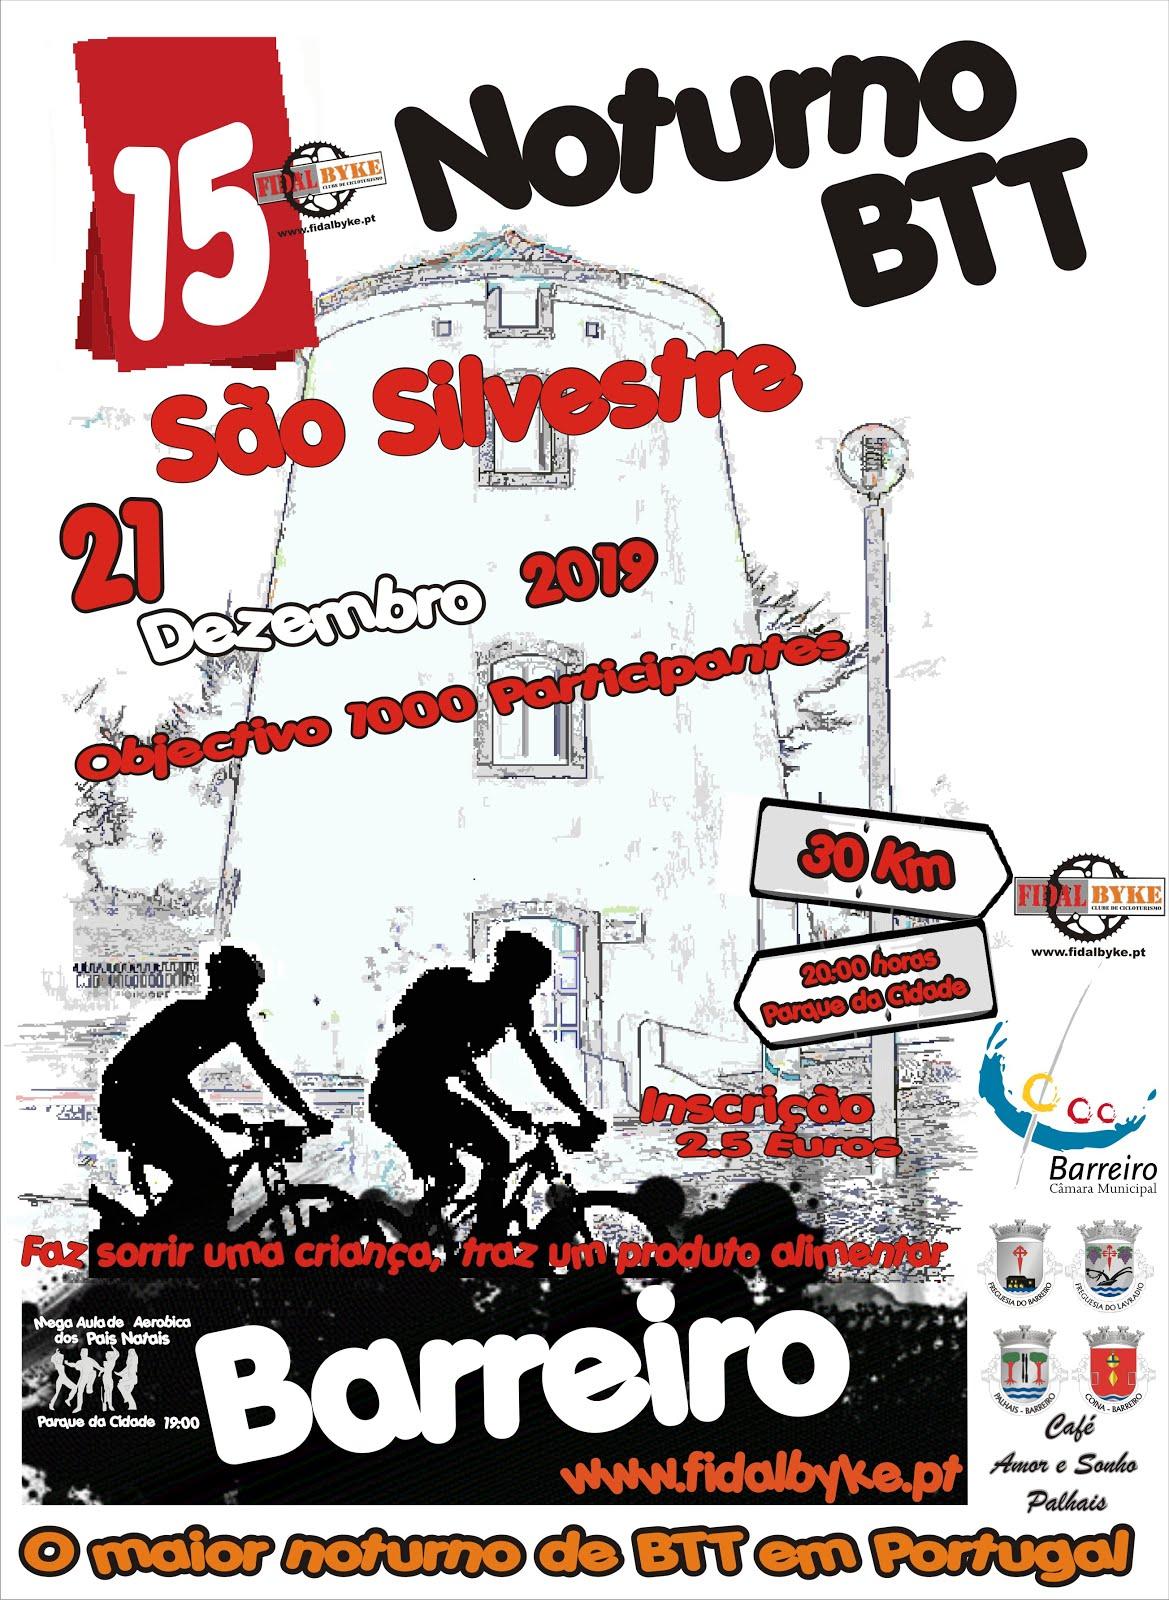 21DEZ * BARREIRO